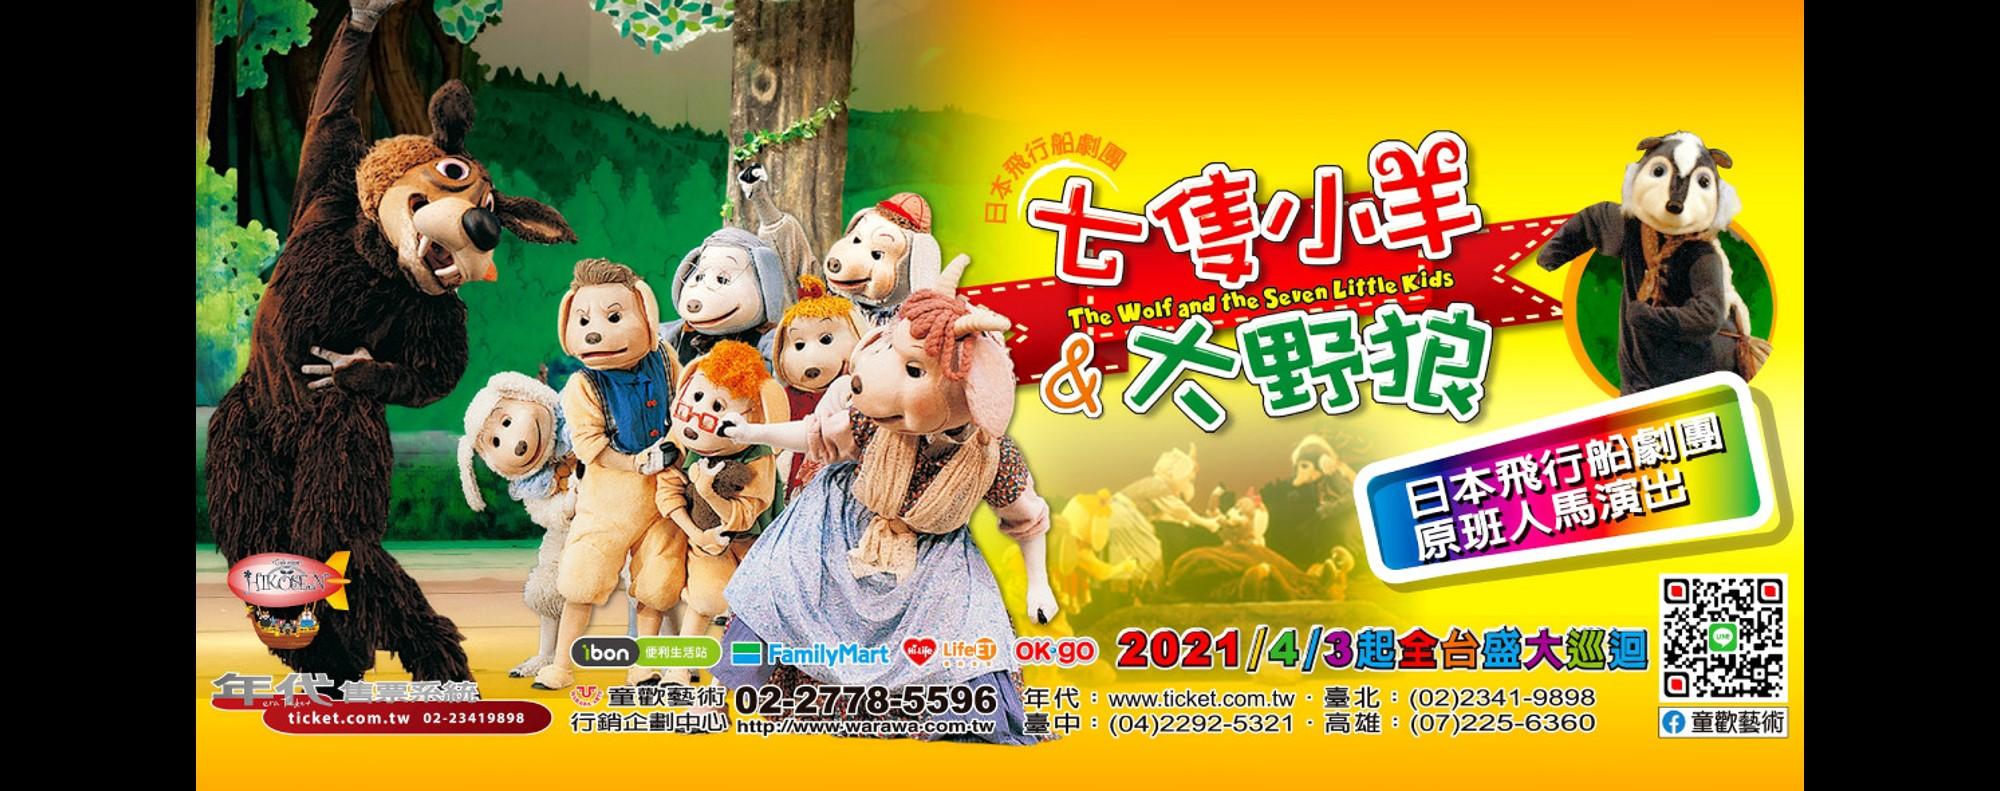 童歡藝術有限公司-日本飛行船劇團-七隻小羊與大野狼